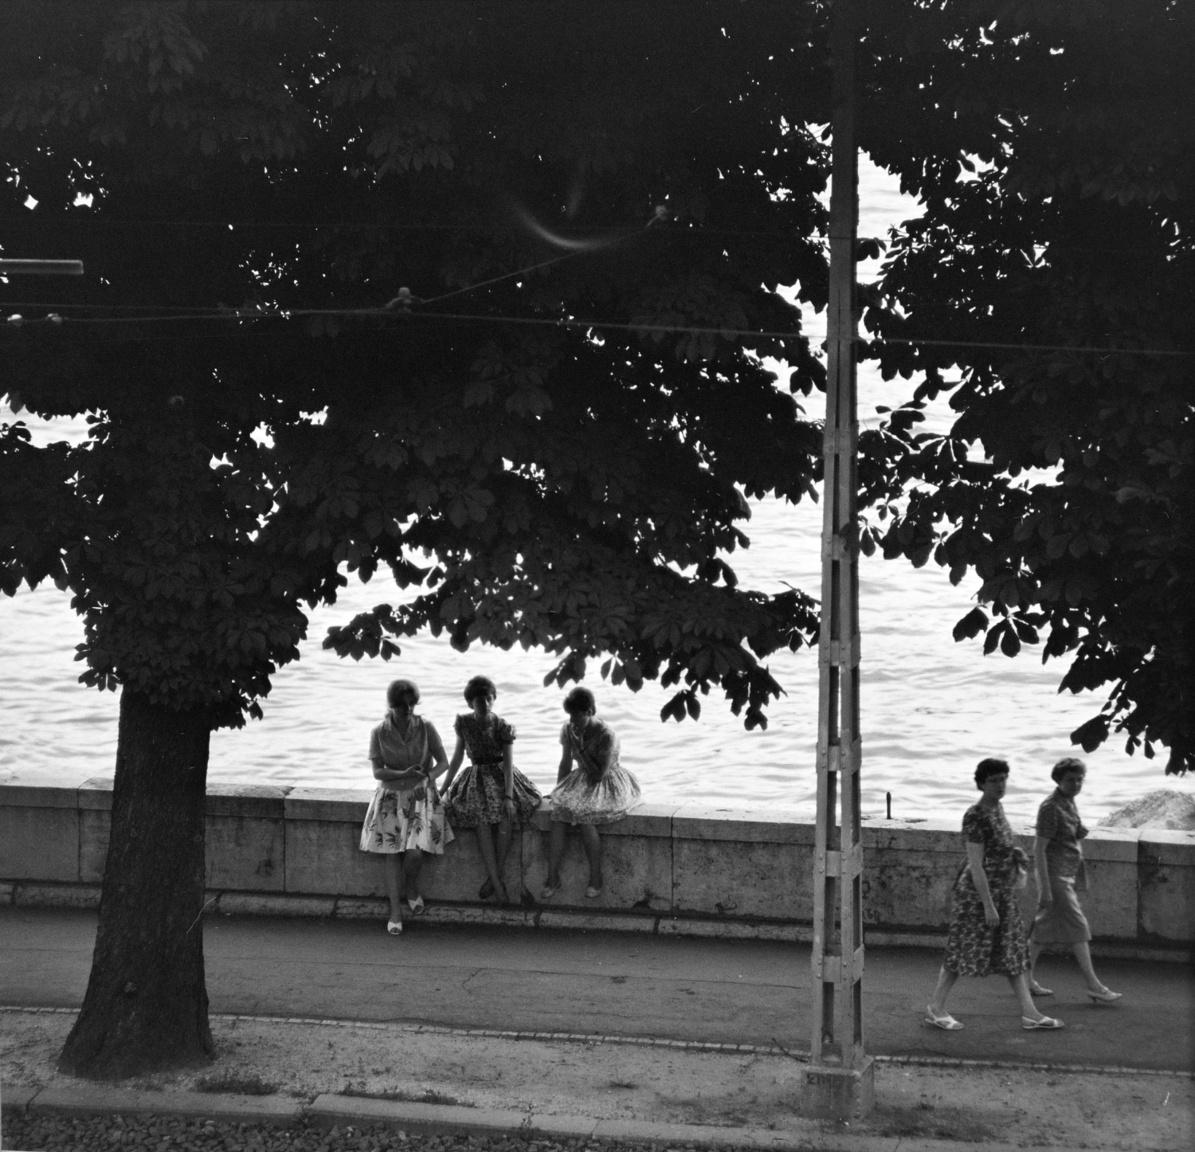 A Budai Ifjúsági Park a fővárosi fiatalok legkedveltebb nyári szórakozóhelye volt a hatvanas és hetvenes években. A Duna-parton gyakran hosszú sor kígyózott a bejutásra várva.